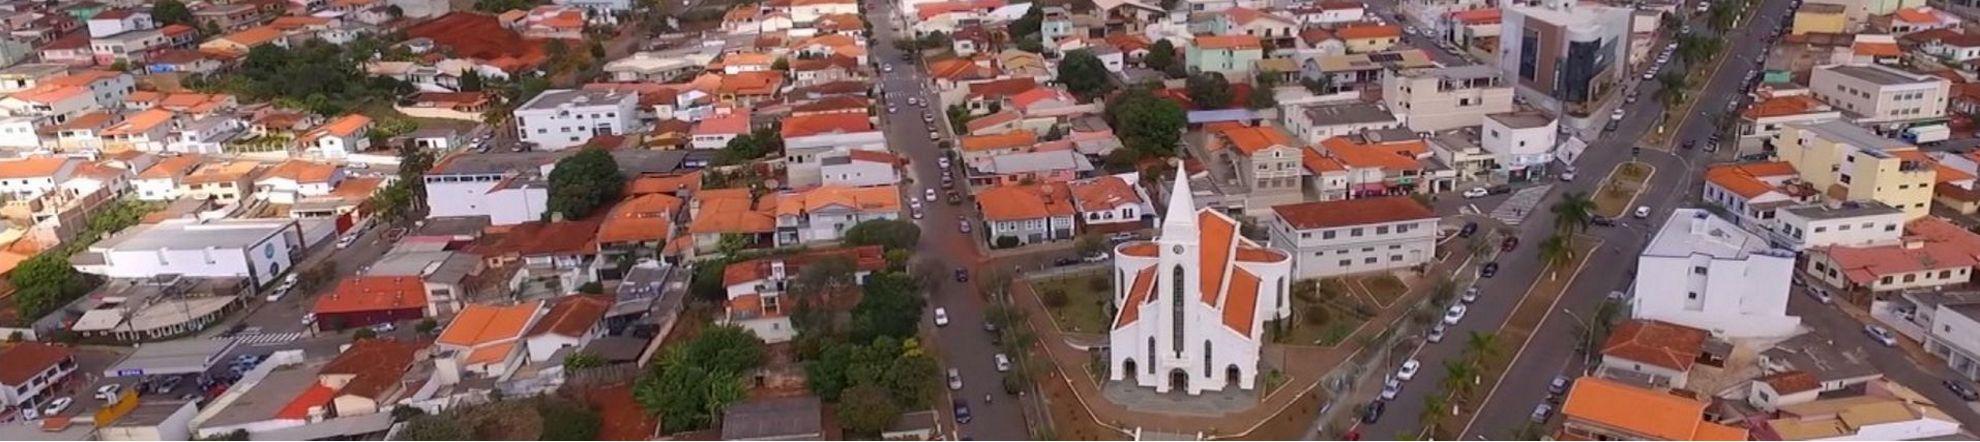 São Gotardo Minas Gerais fonte: www.saogotardo.mg.gov.br